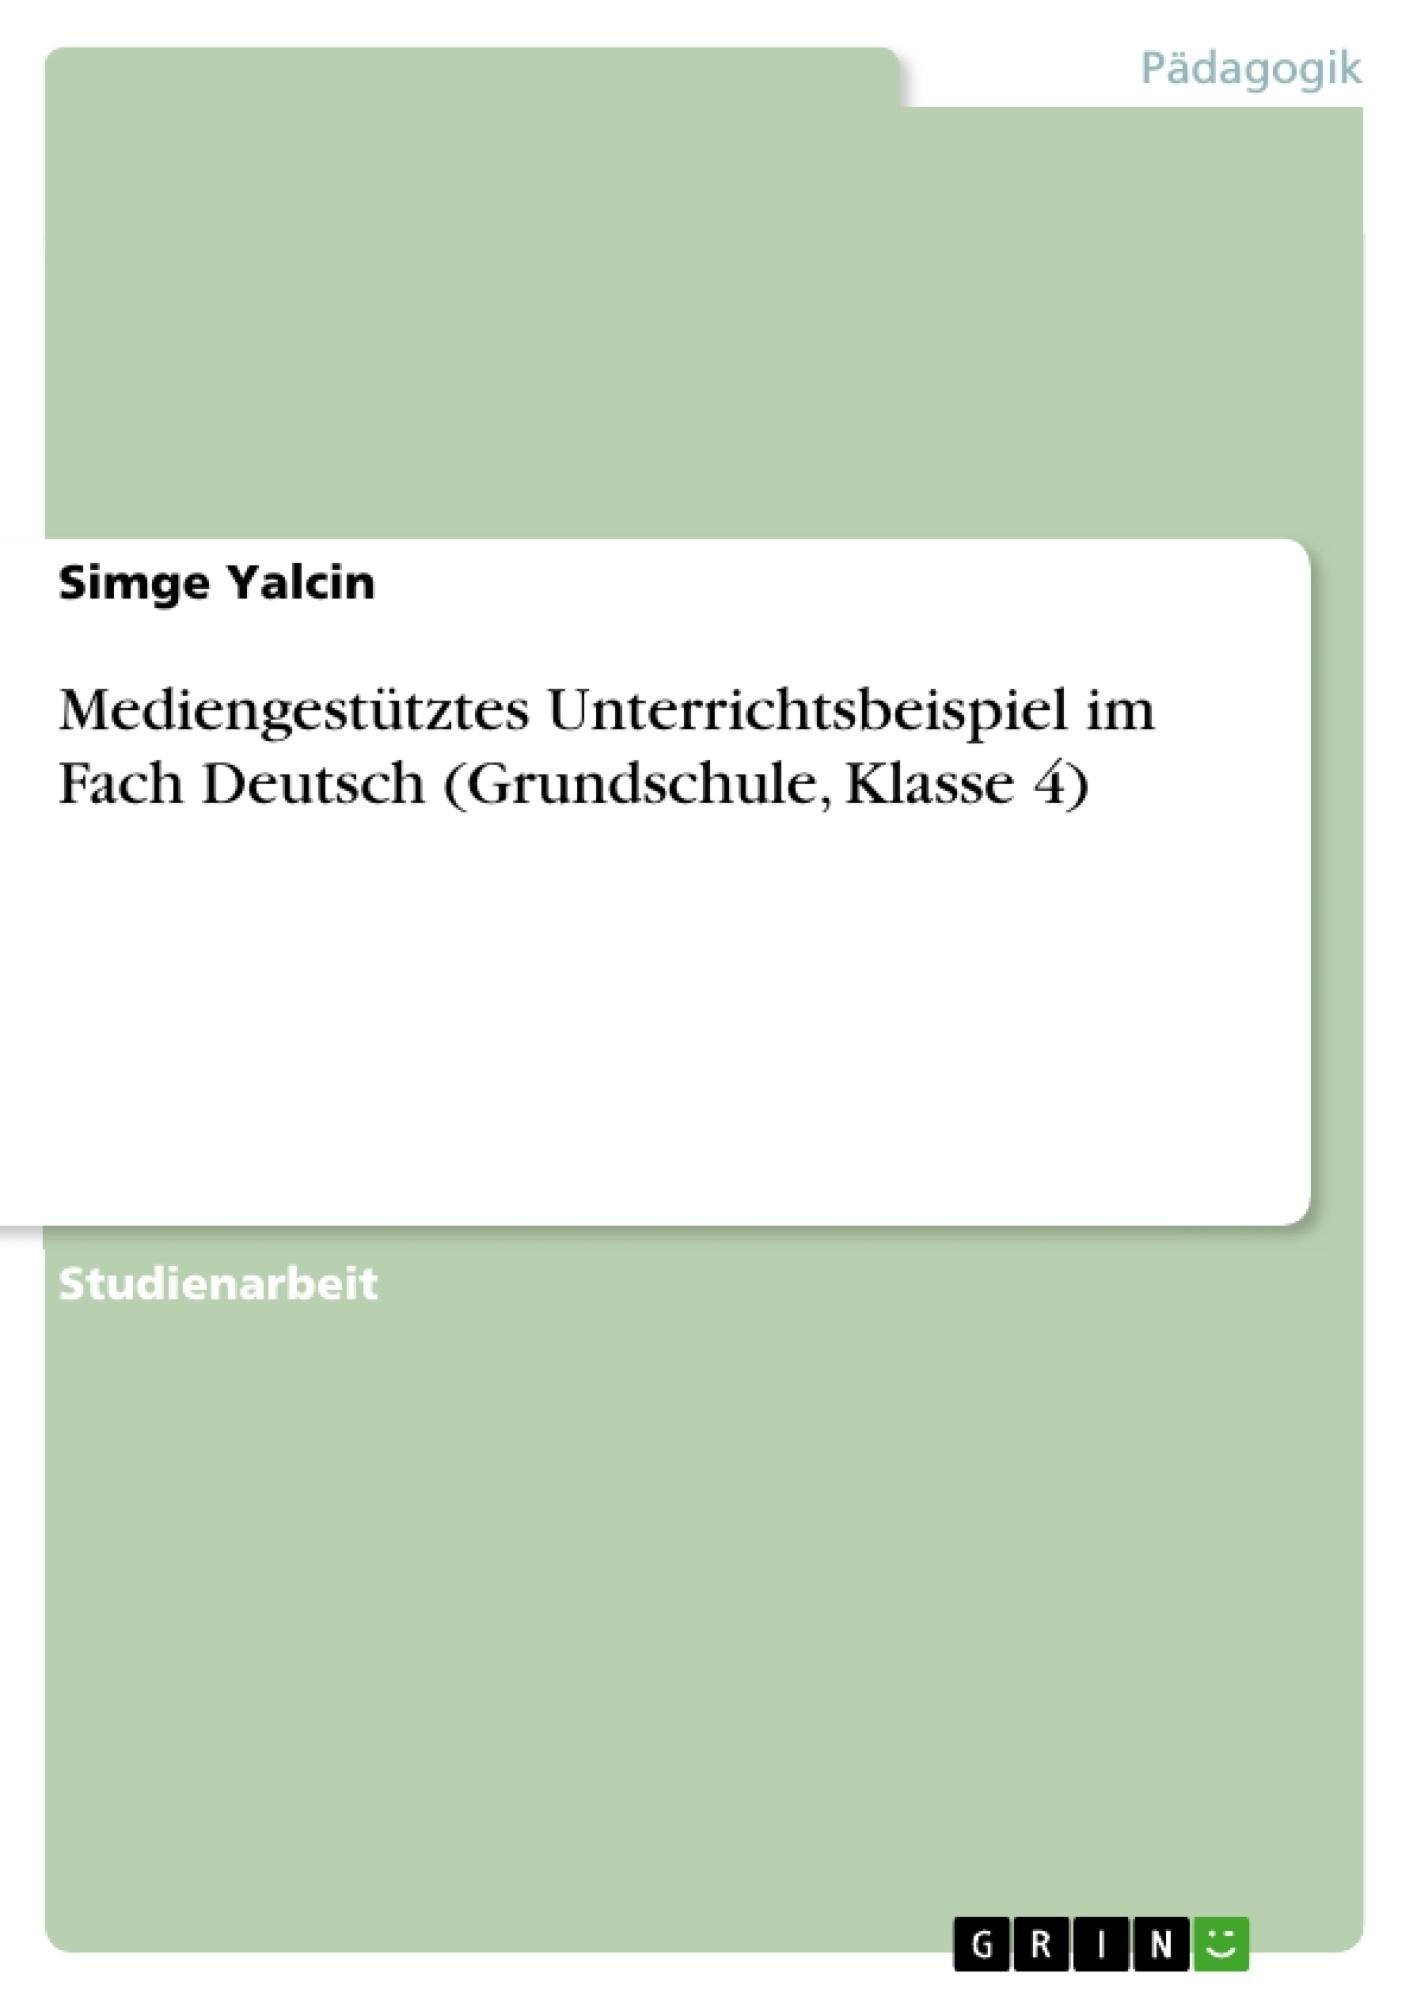 Titel: Mediengestütztes Unterrichtsbeispiel im Fach Deutsch (Grundschule, Klasse 4)